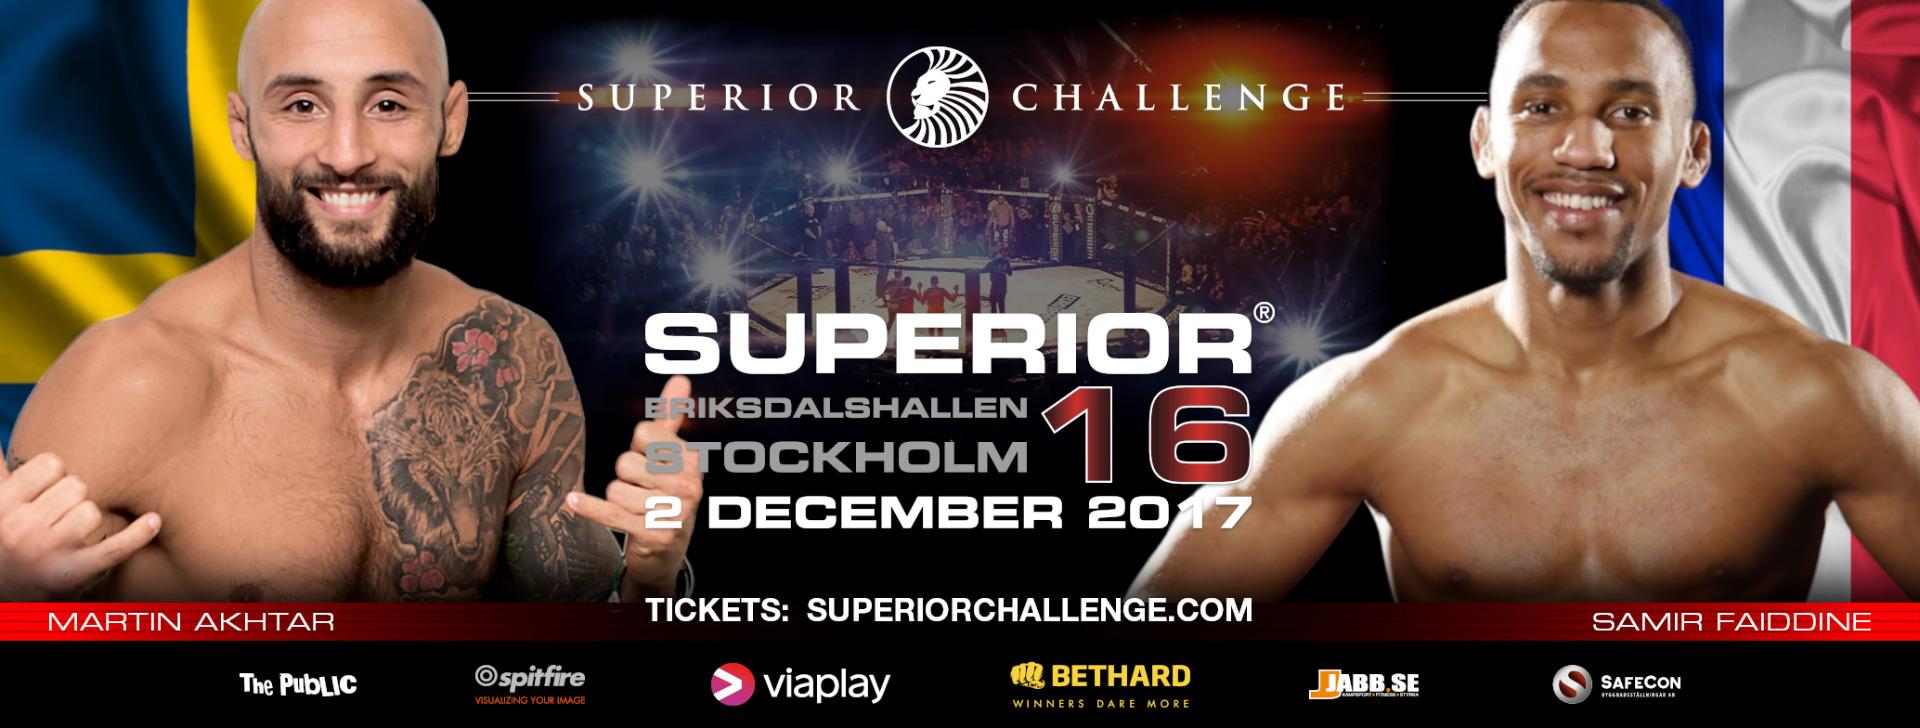 MArtin Akhtar vs Samir Faiddine Superior Challenge 16